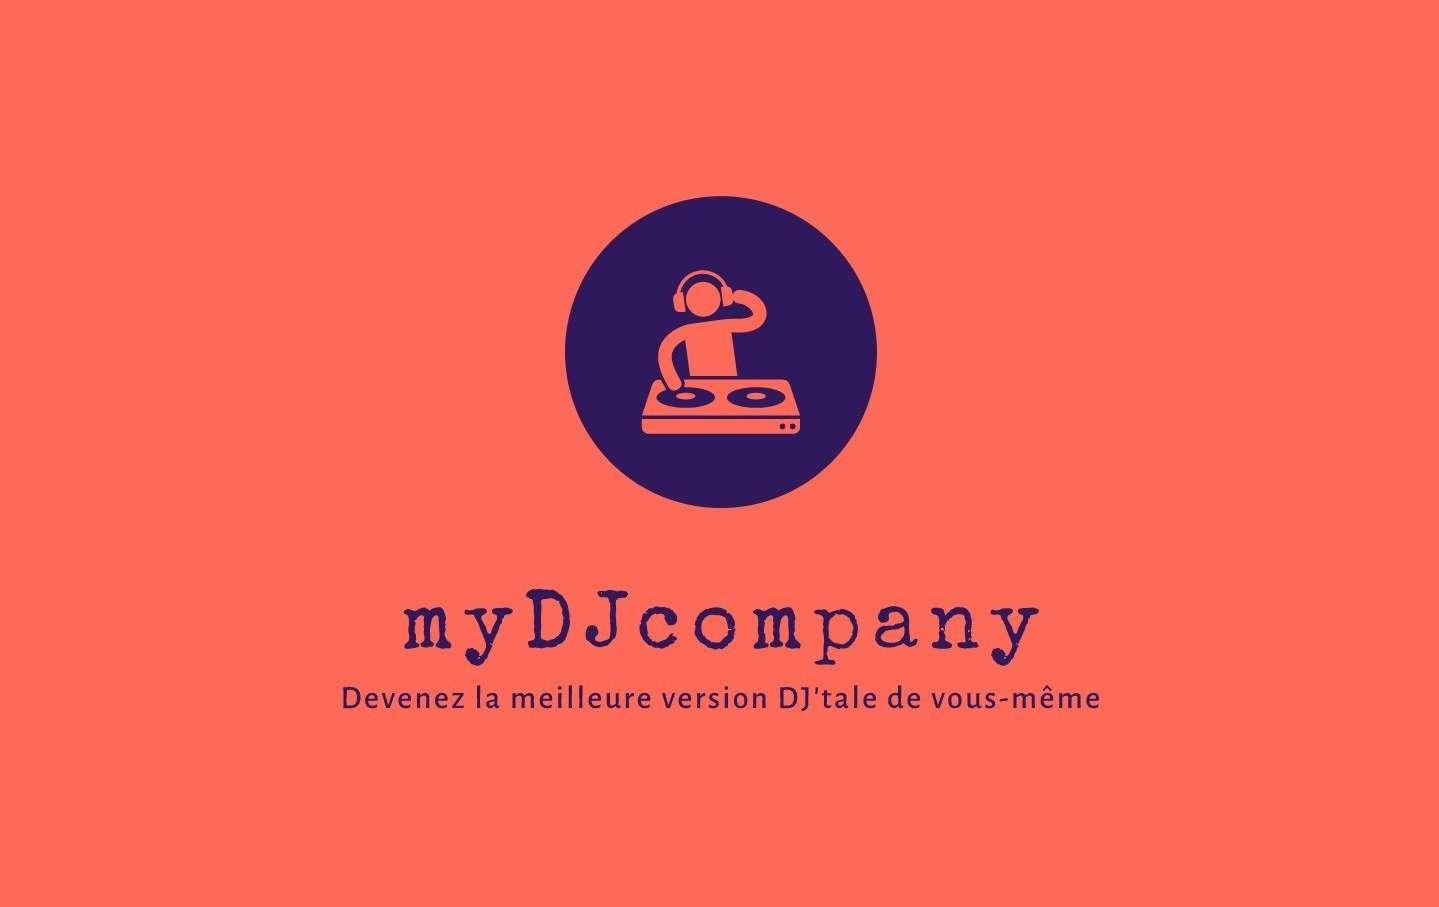 [Annonce officielle] Lancement de MyDJcompany